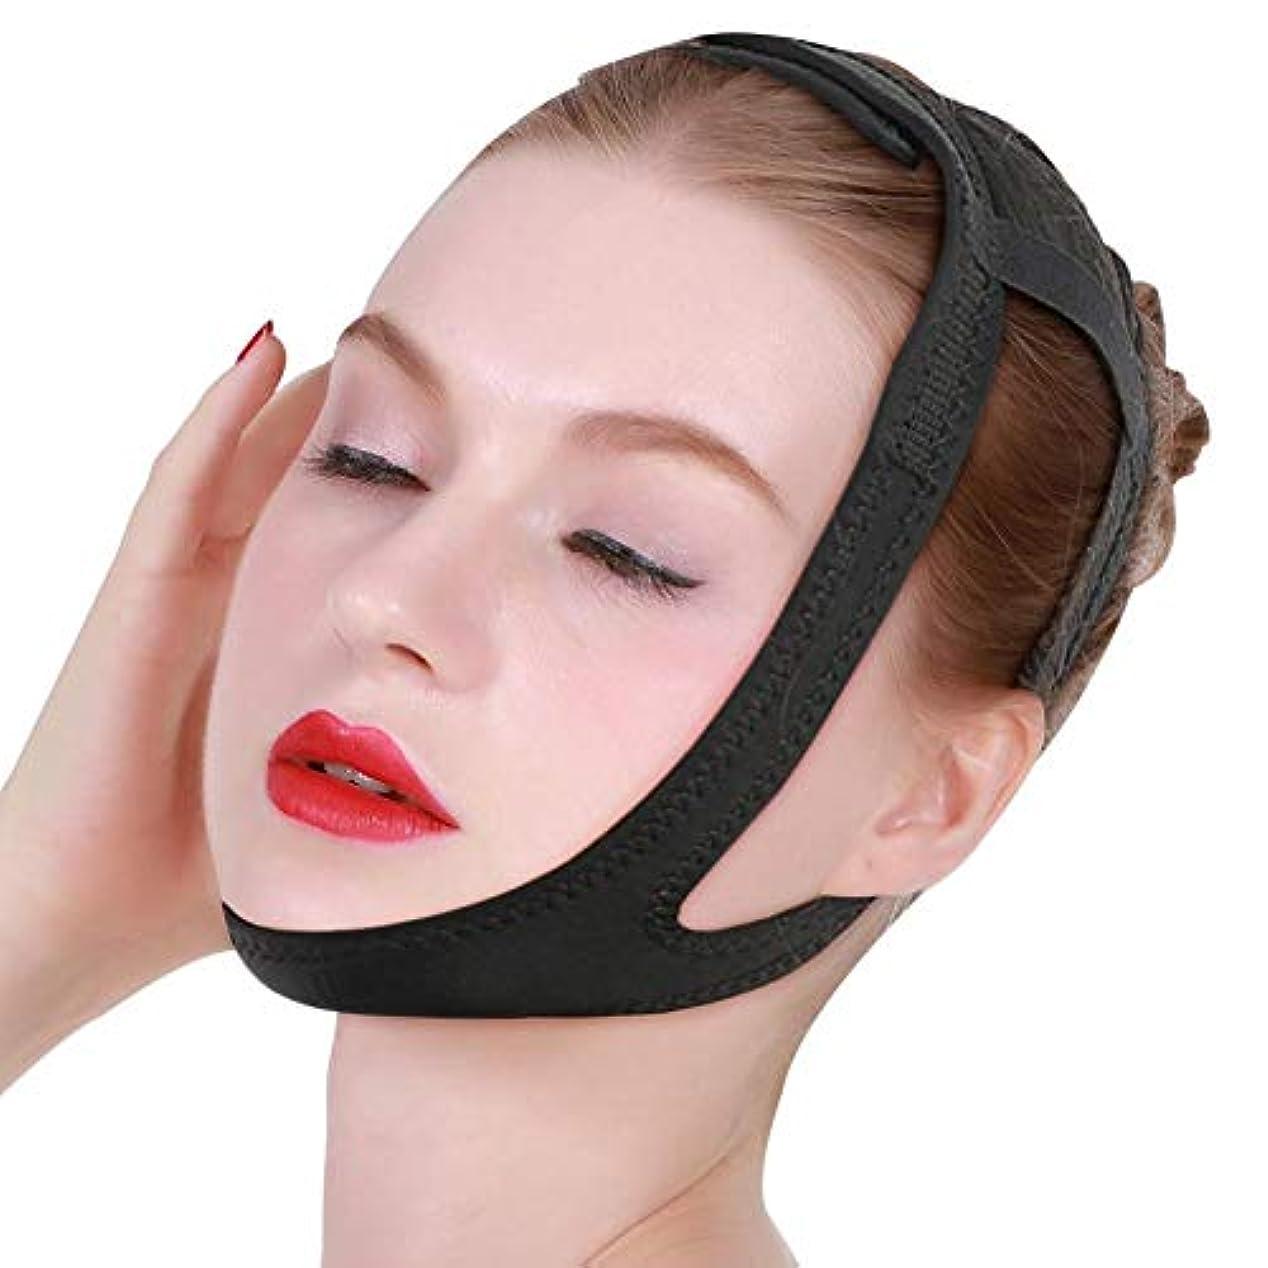 散らす震え音楽を聴くフェイススリミングベルト Vライン フェイススリップベルト 通気性 フェイスマスク